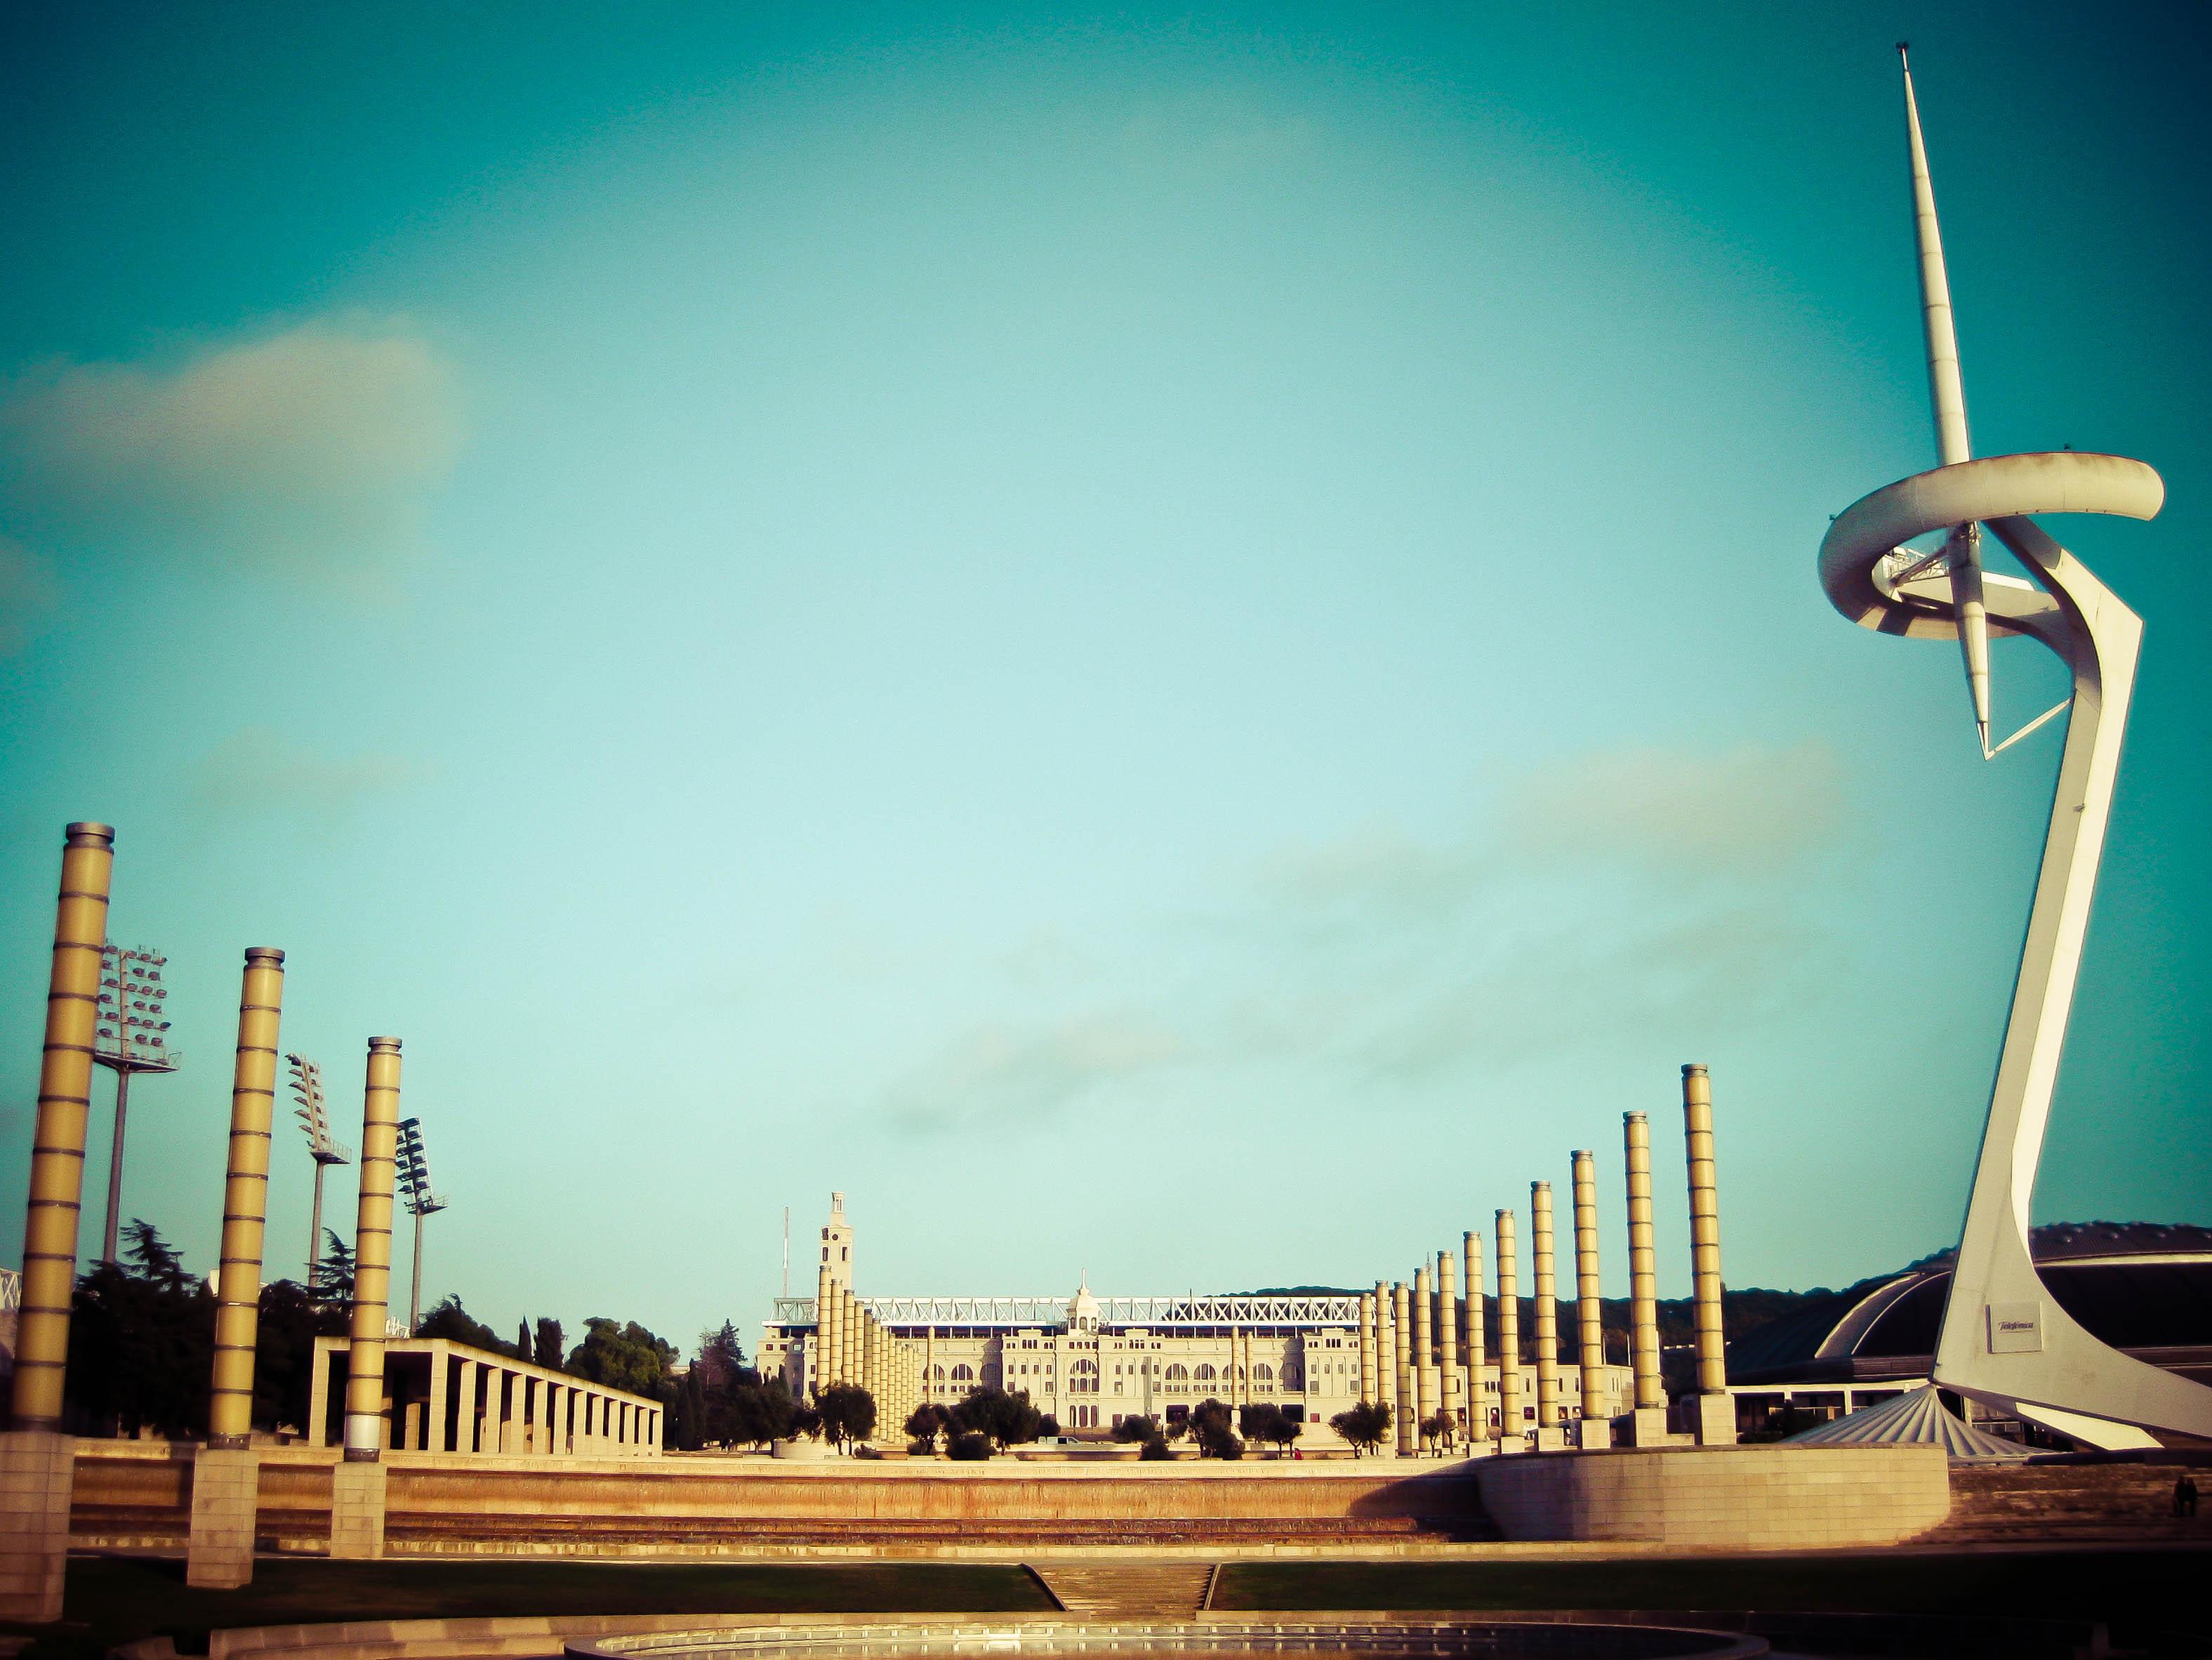 Torre-Calatrava-i-Estadio-Olimpico